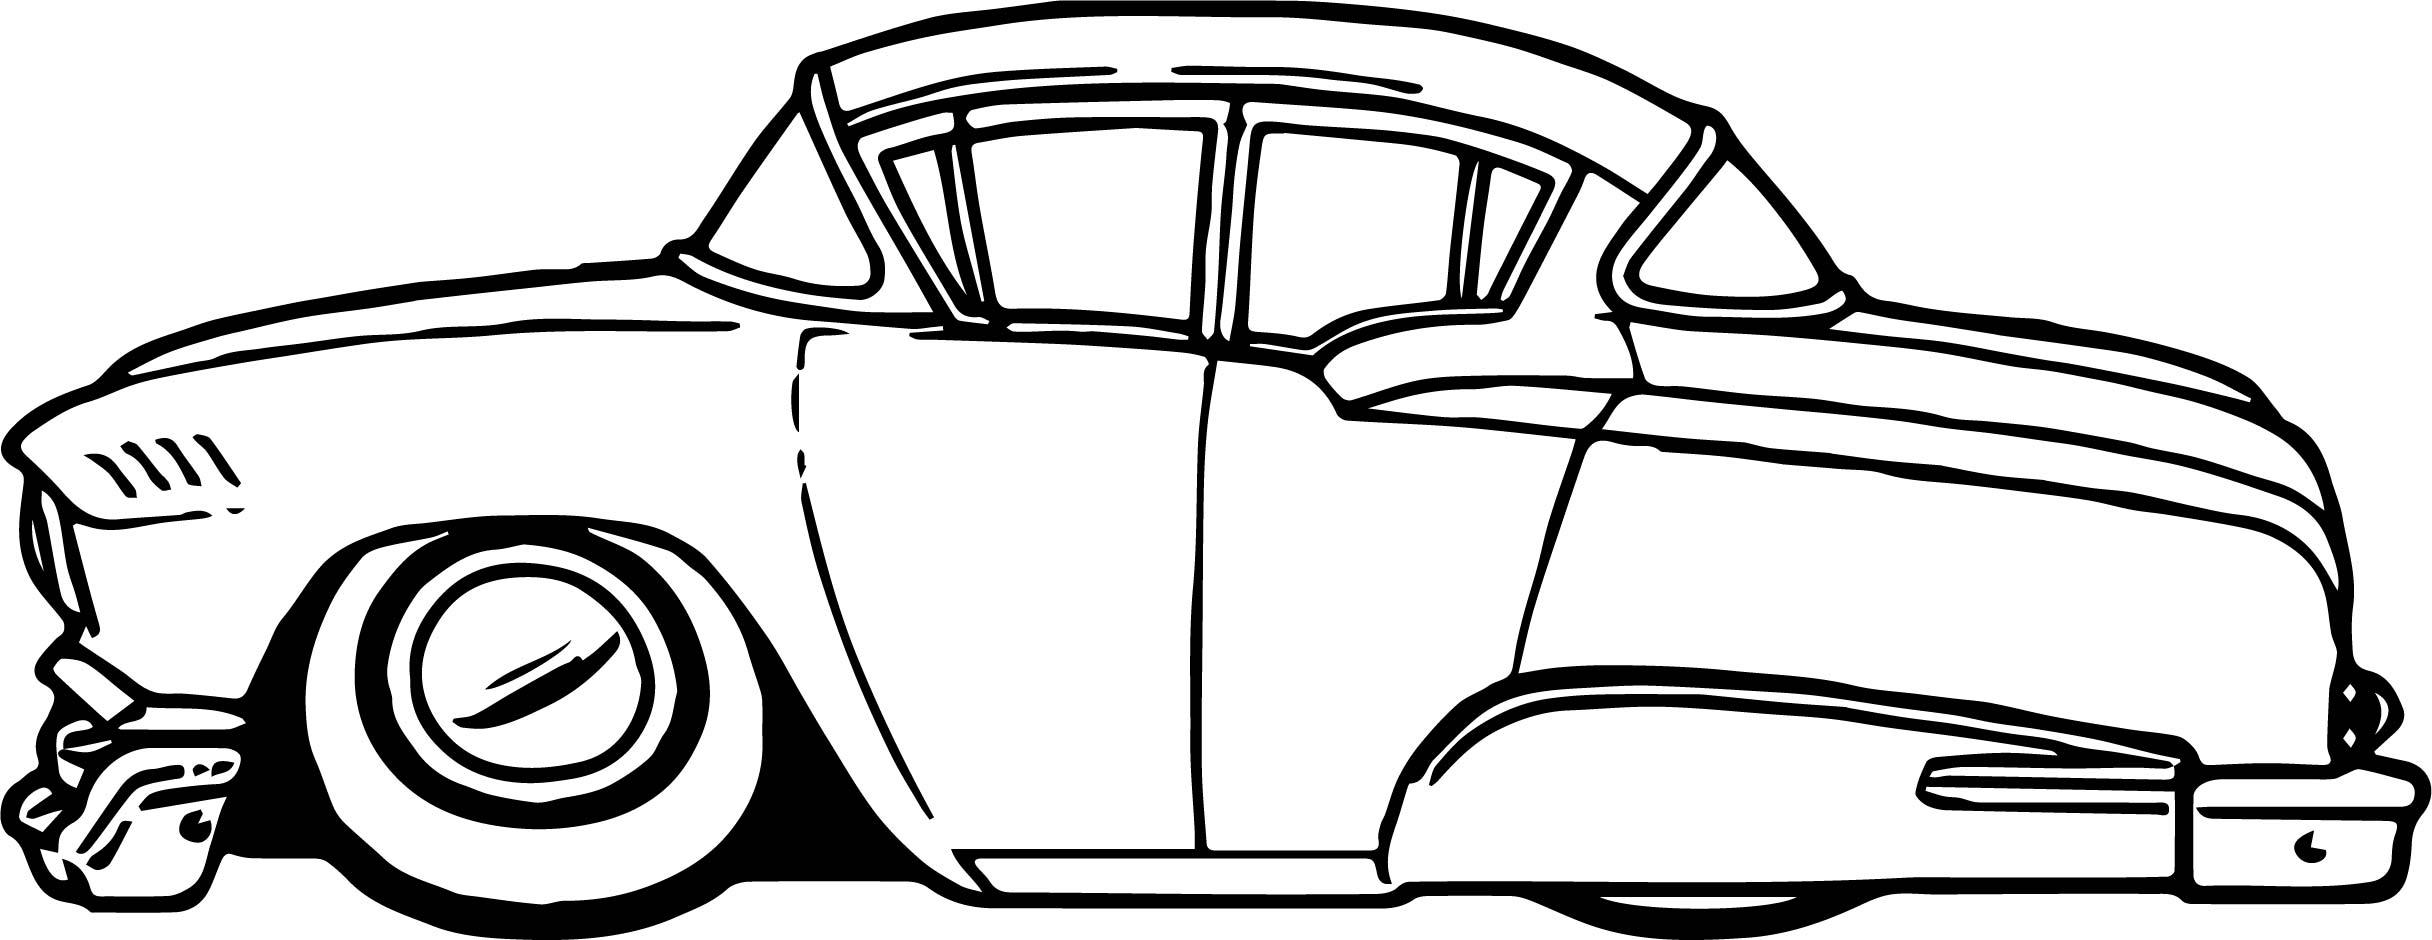 2432x940 Vintage Antique Car Vacation Coloring